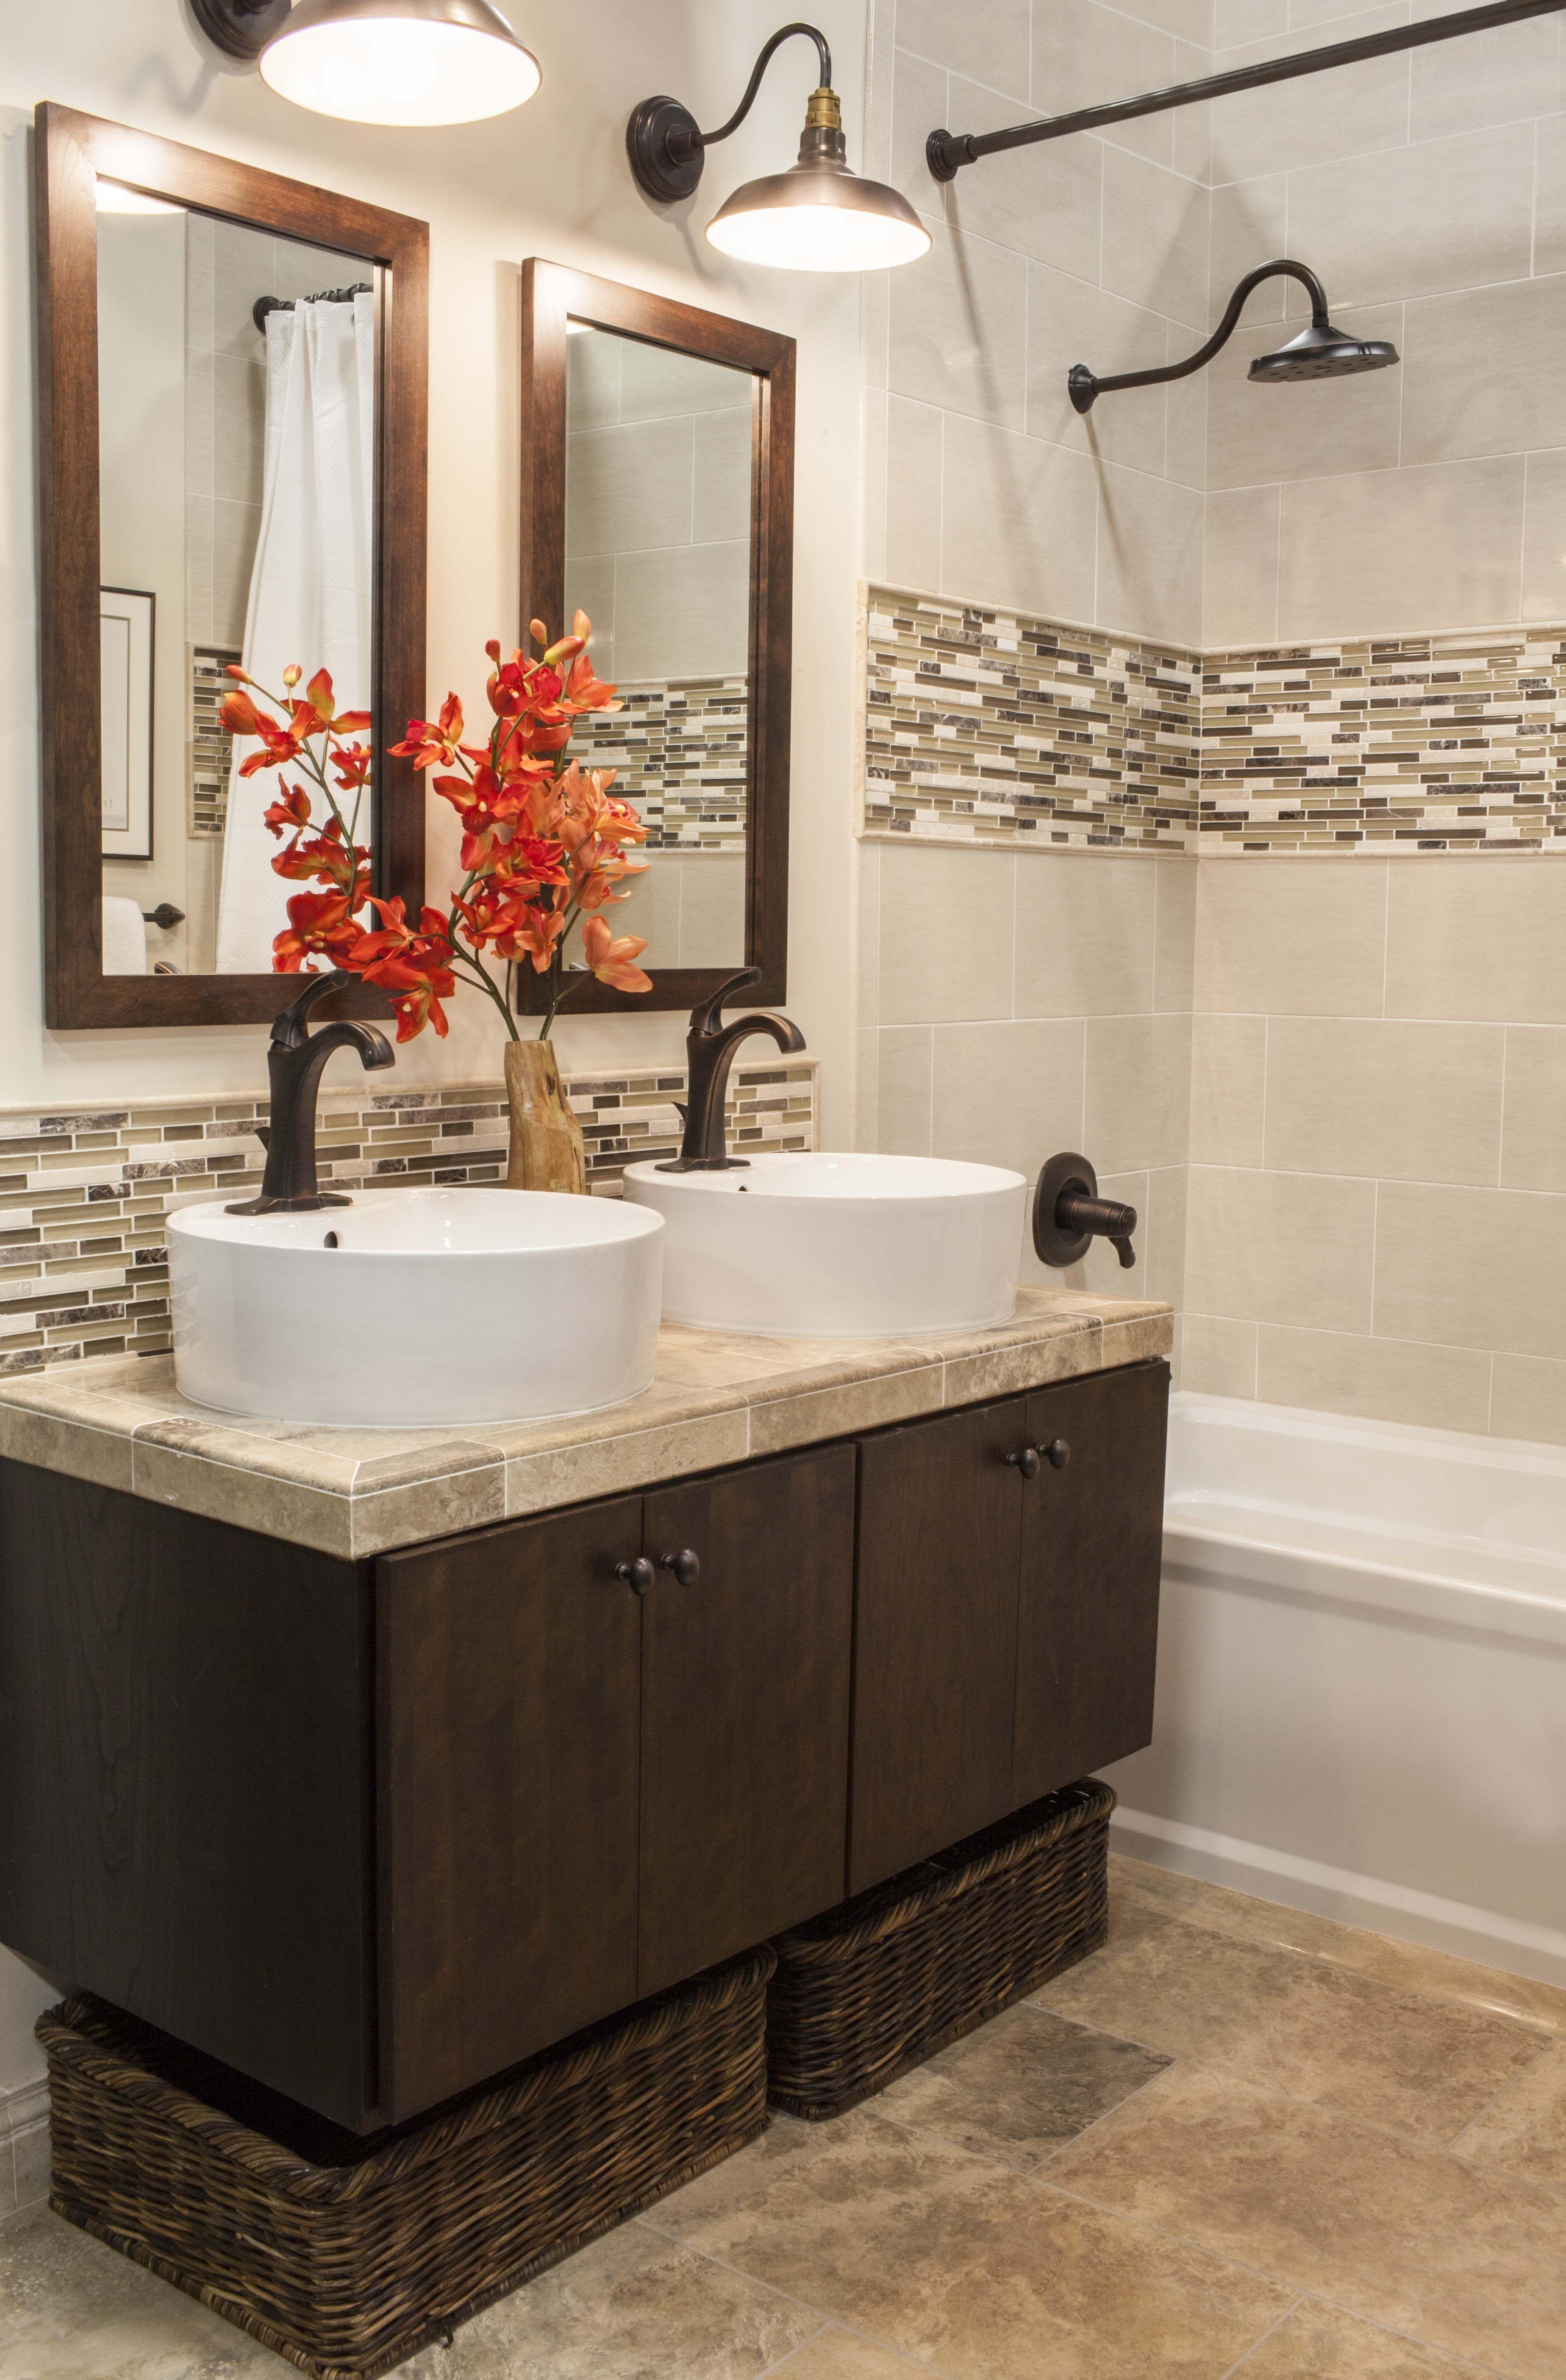 Los baños modernos tambien pueden tener toques rústicos ...